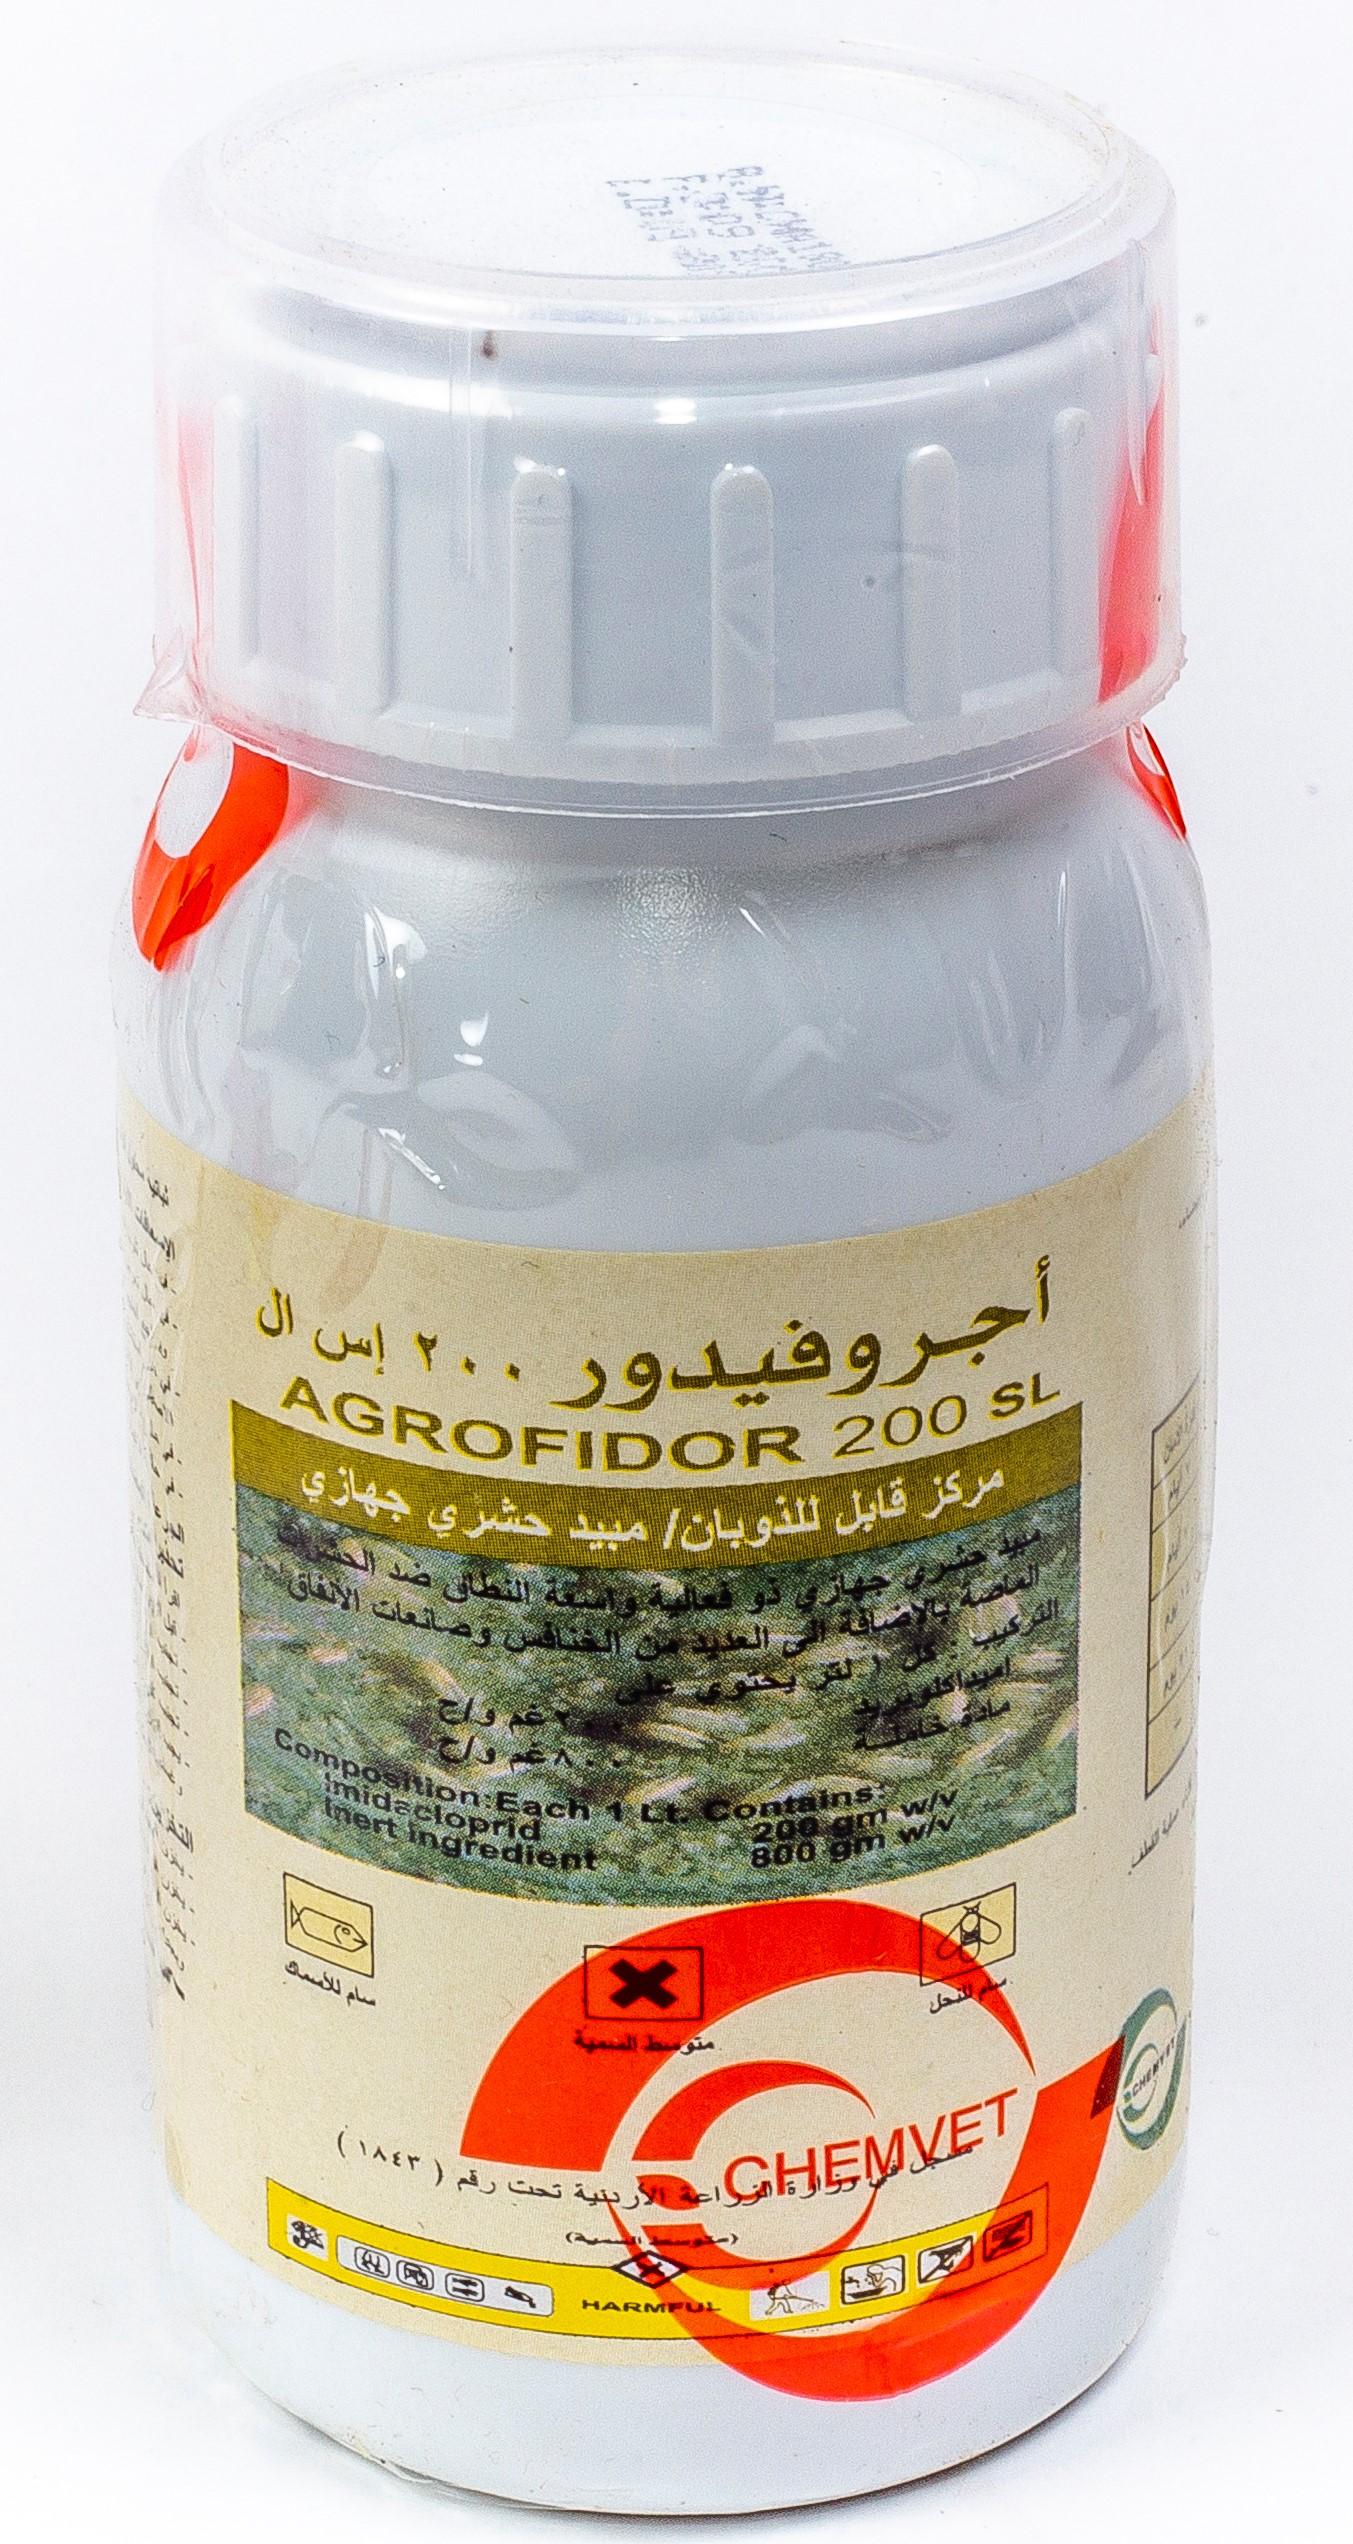 Agrofidor 20 SL